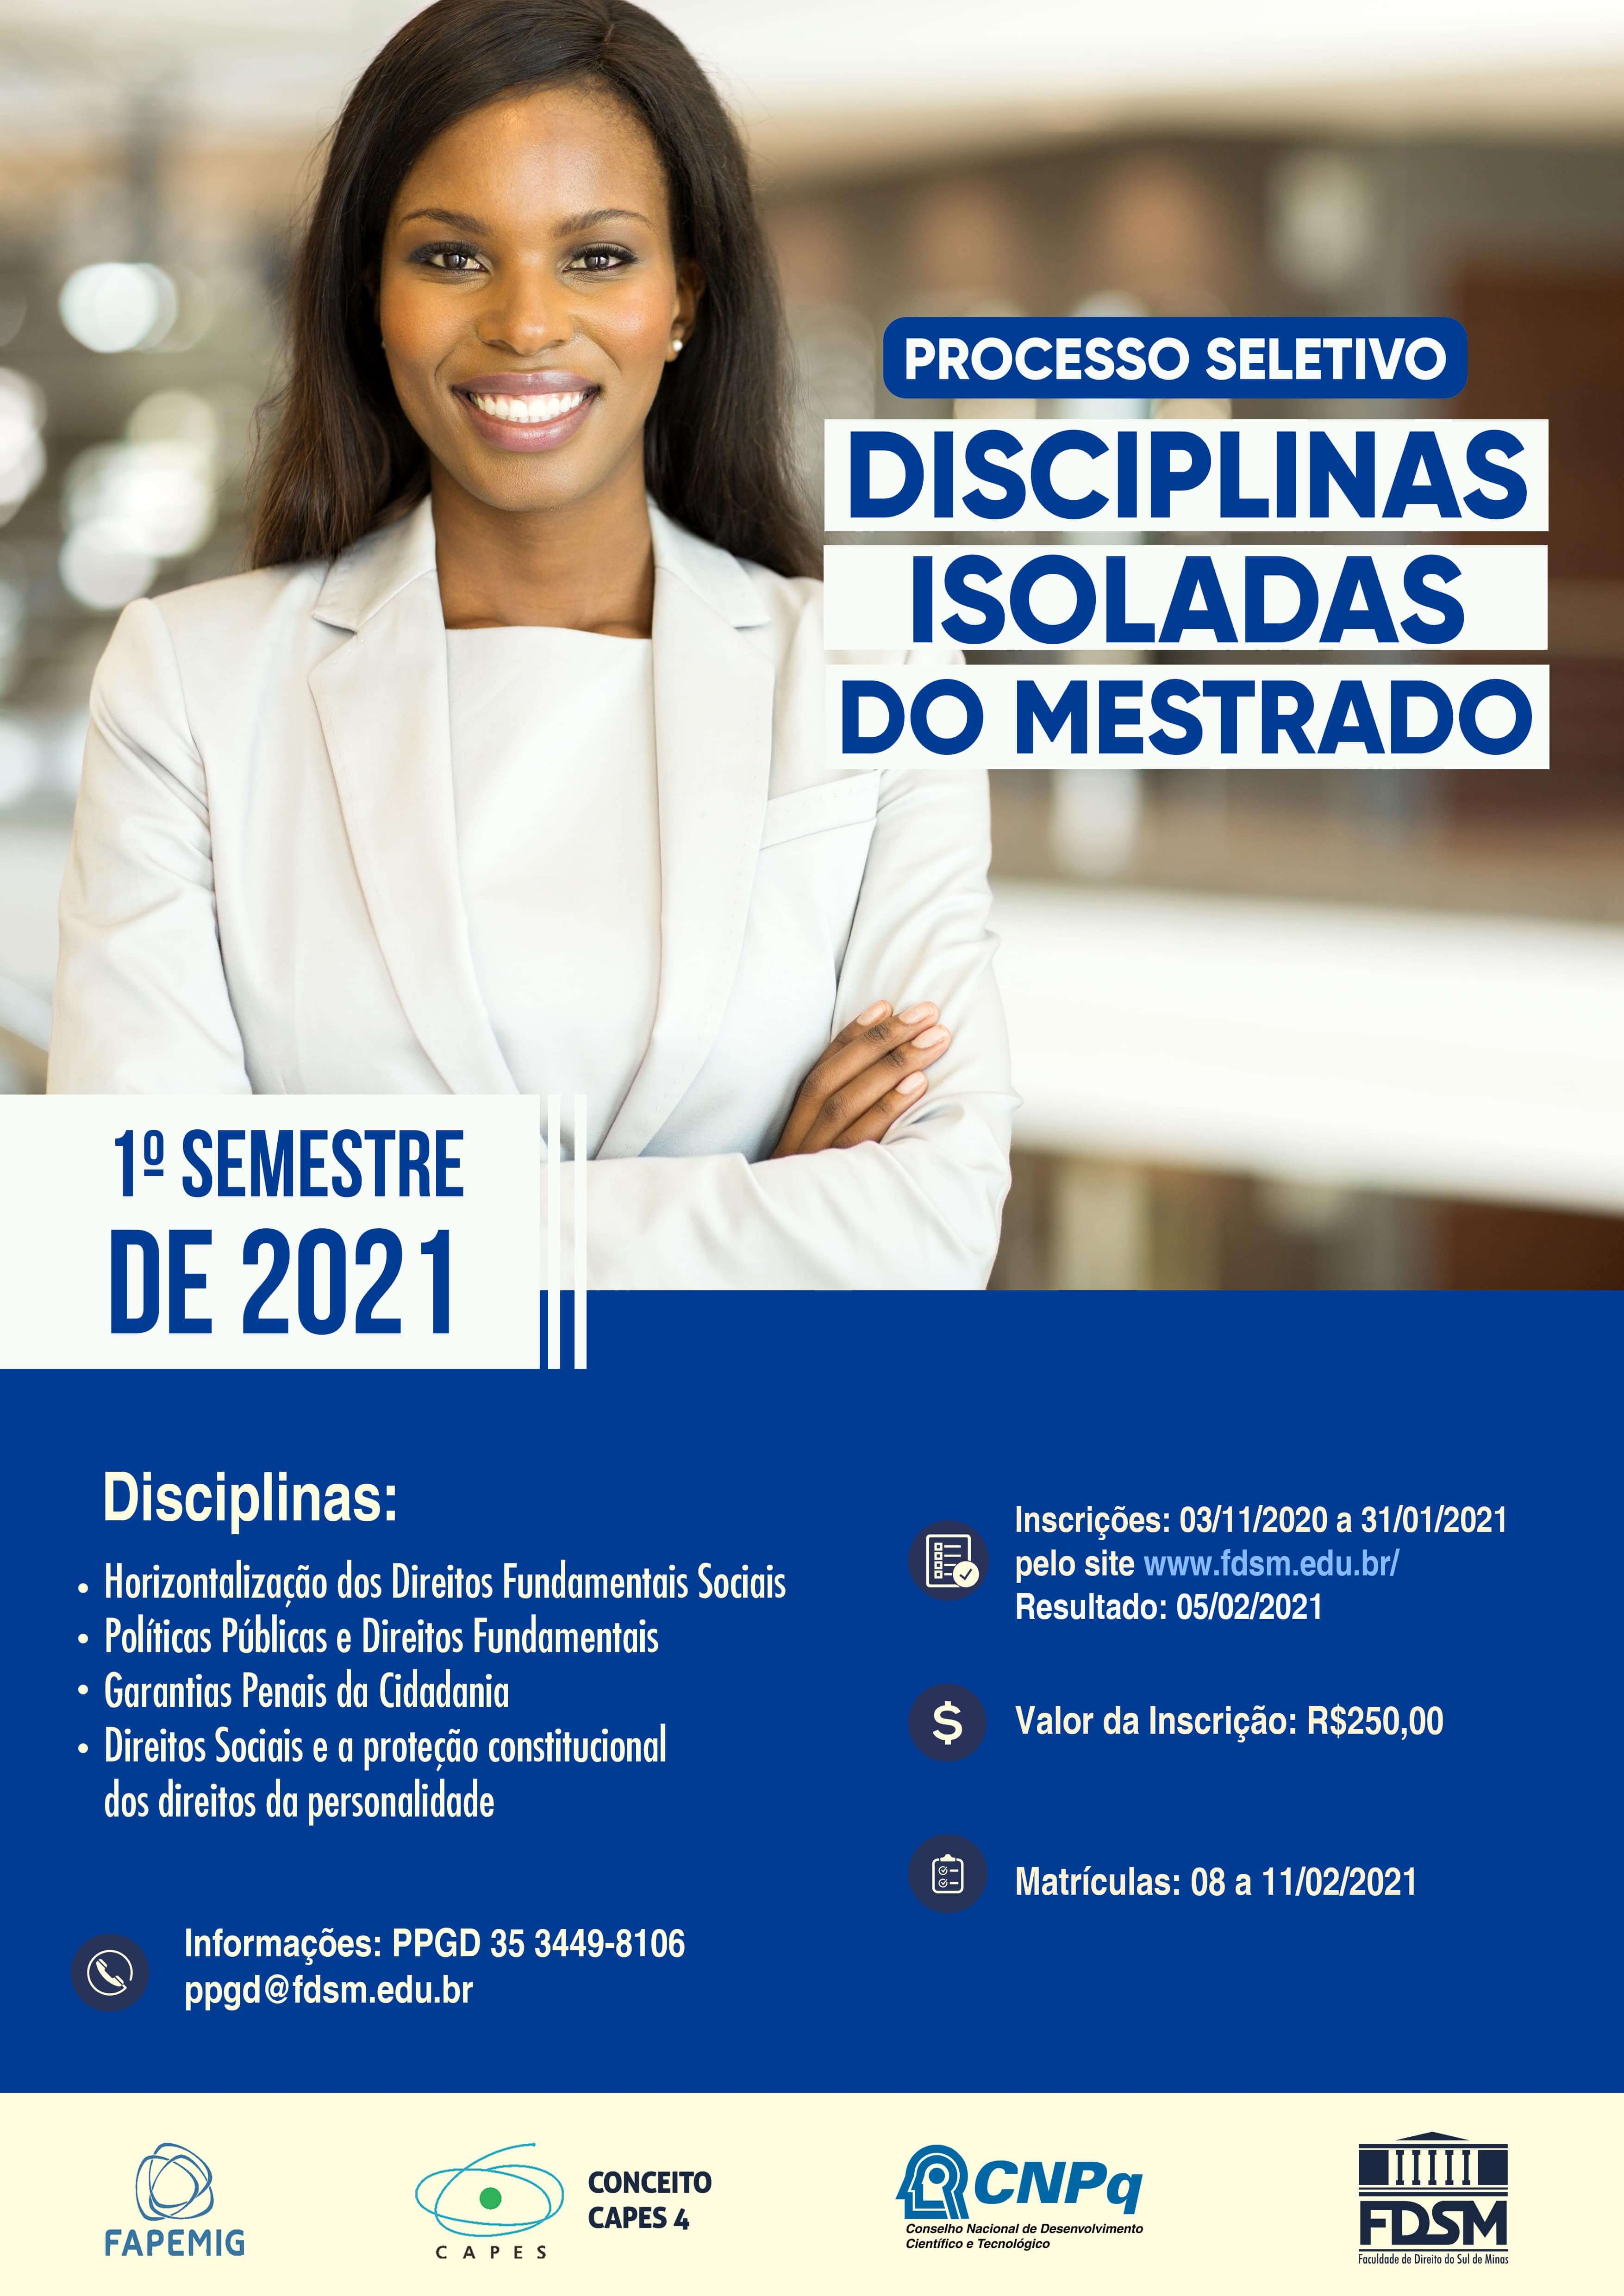 Noticia 6572 - PROCESSO SELETIVO PARA DISCIPLINAS ISOLADAS DO MESTRADO - 1º SEMESTRE DE 2021